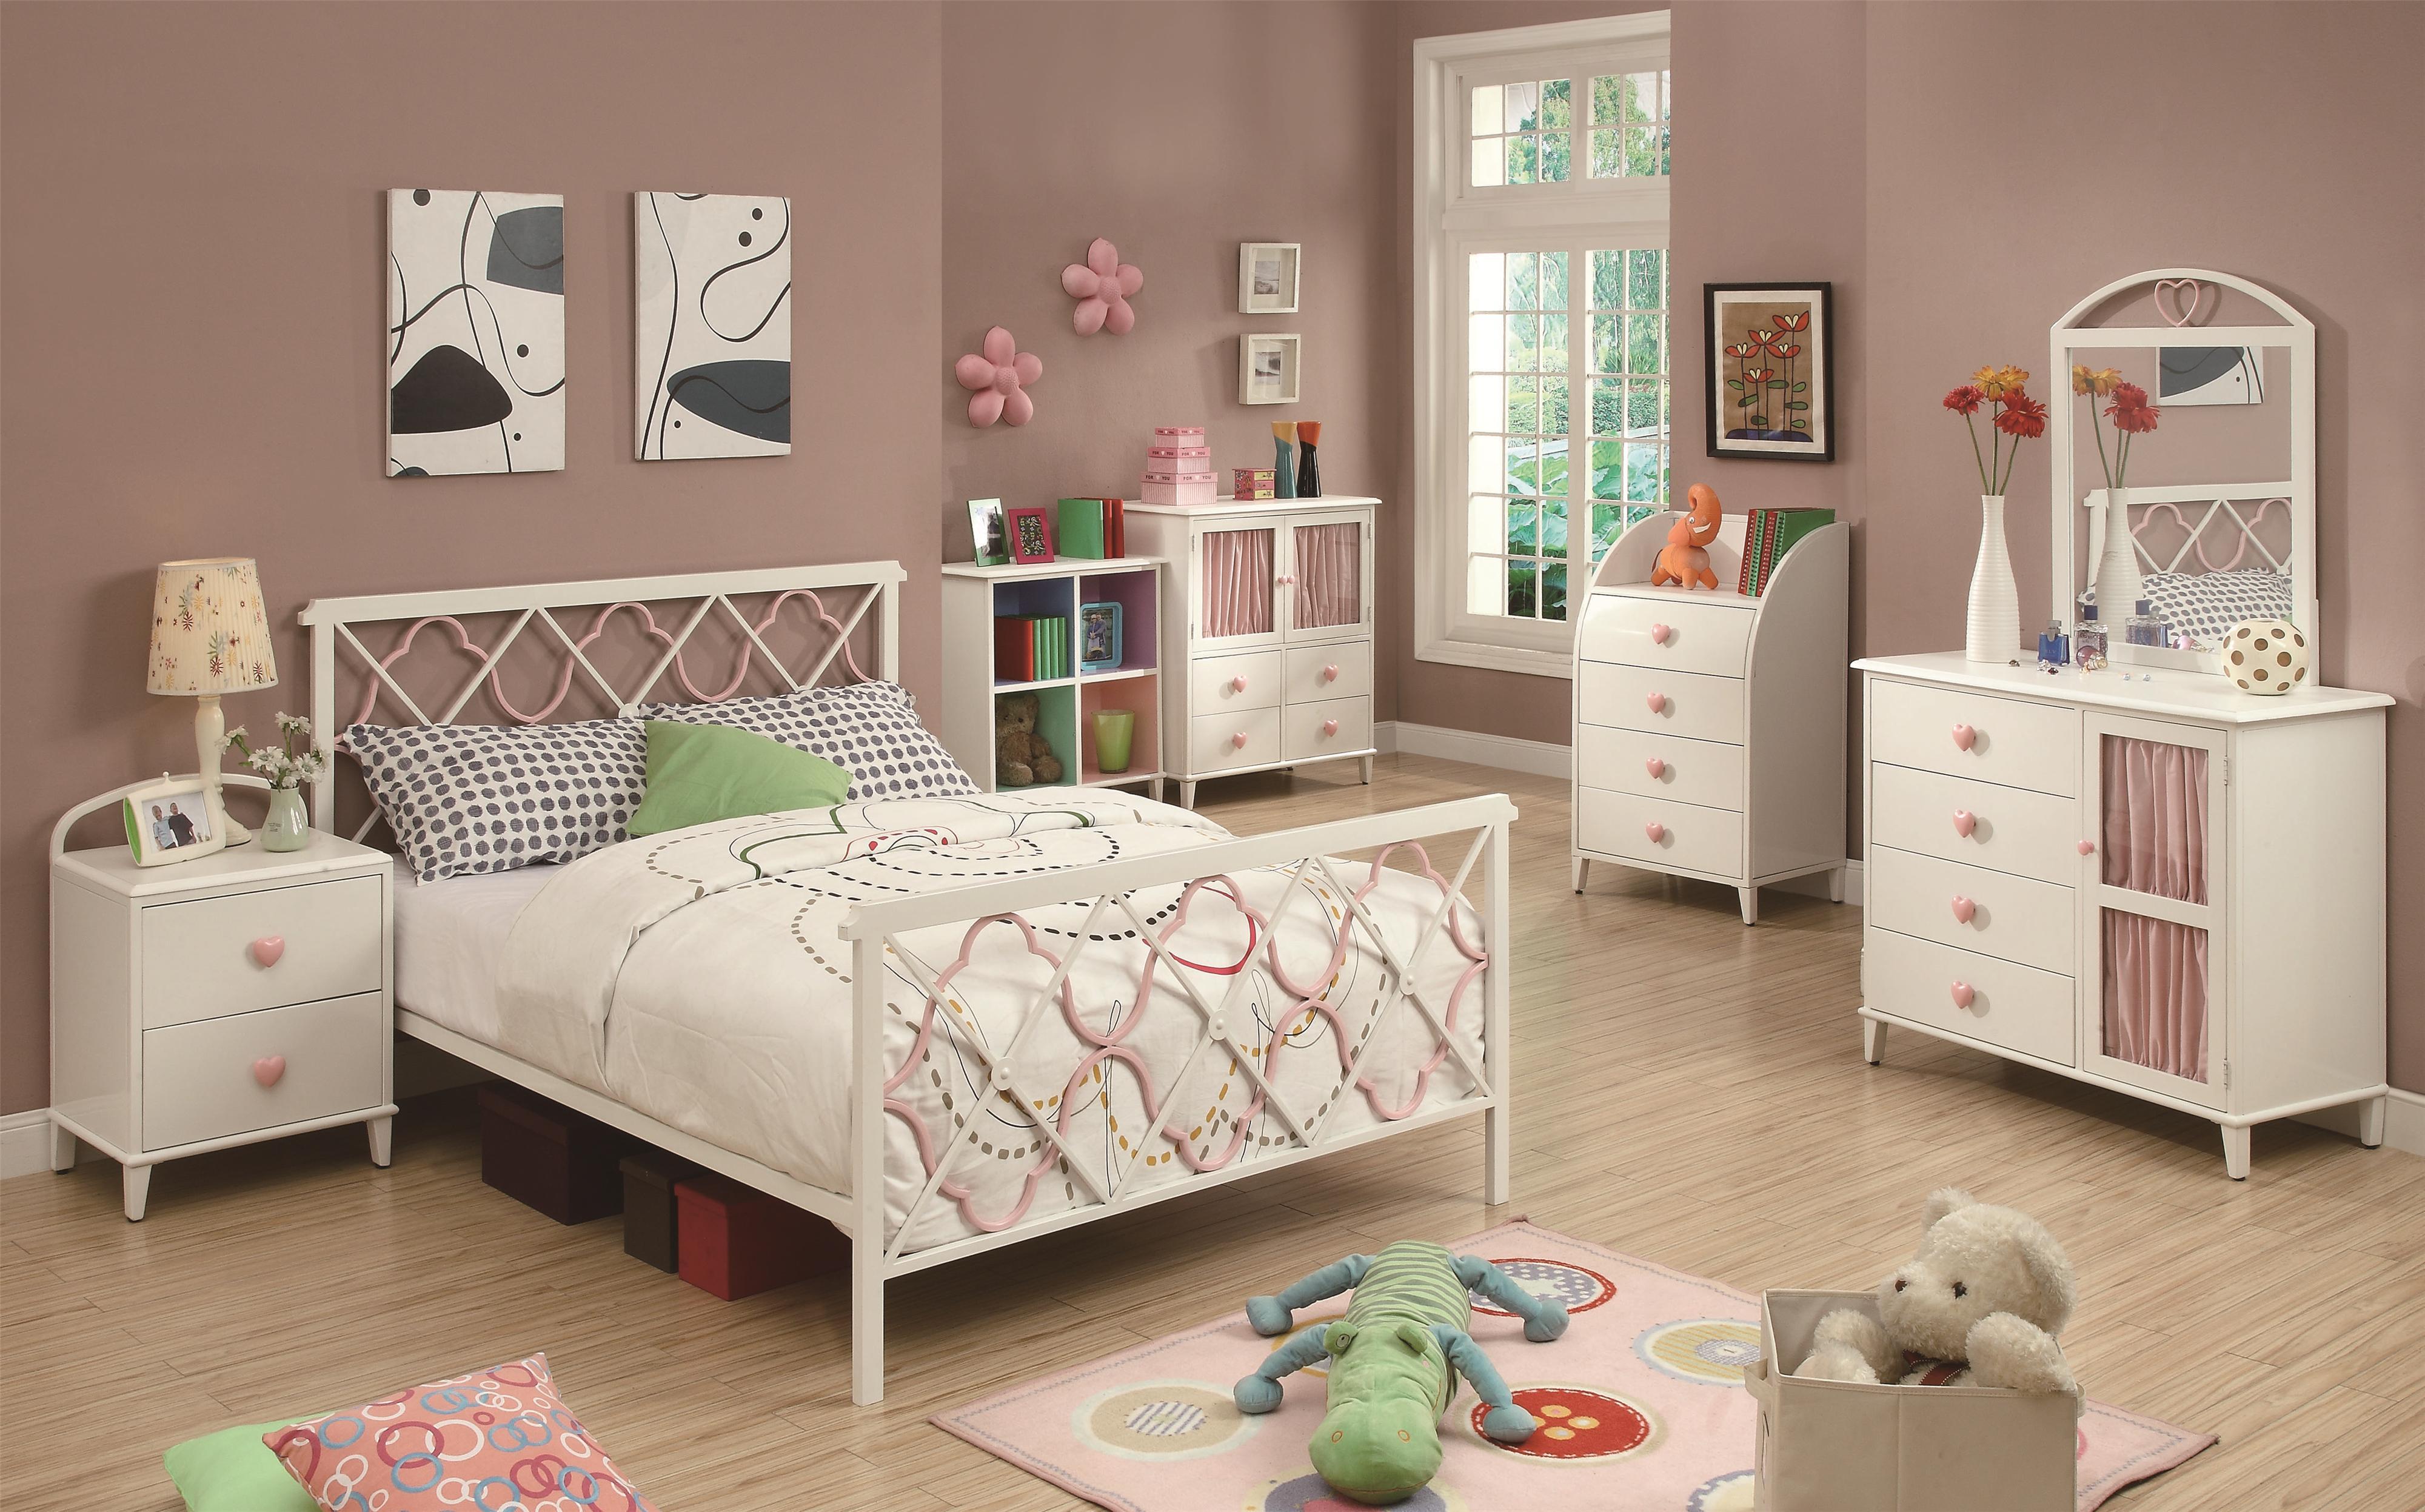 bedroom beds vintage signed rockford sold bed of s sets shop pc empire set twin satinwood